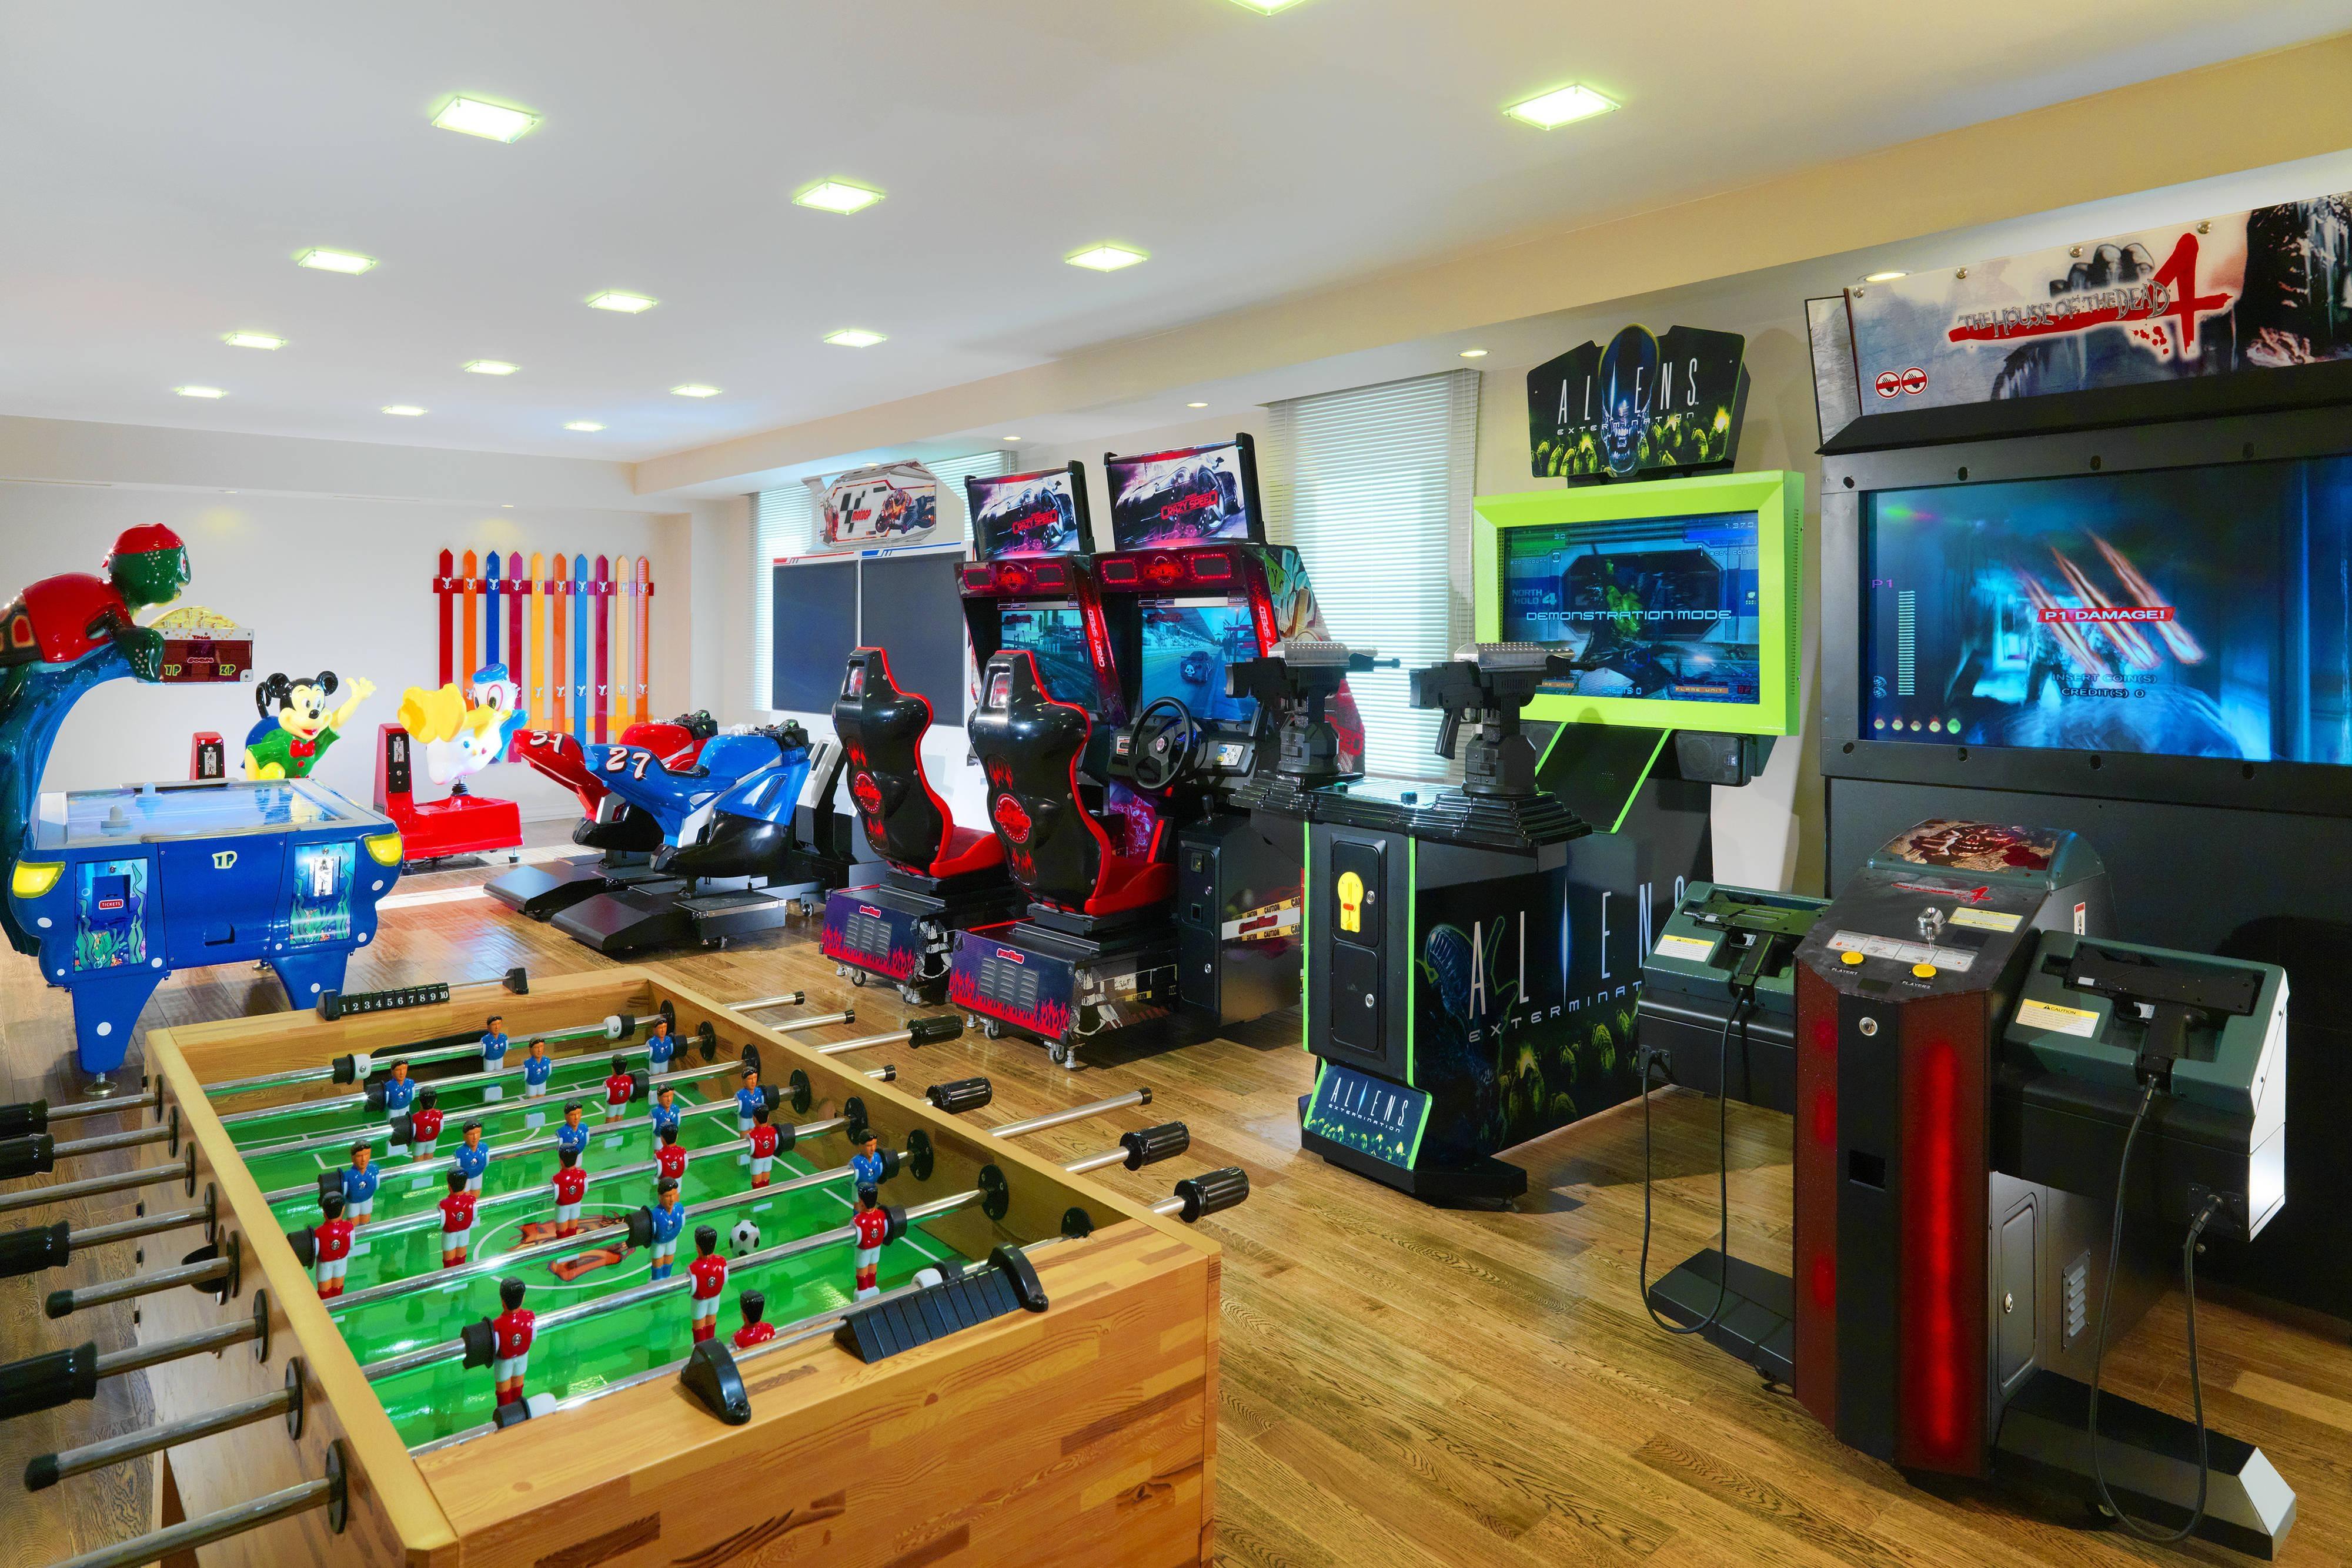 Зал с видеоиграми в отеле в Цахкадзоре